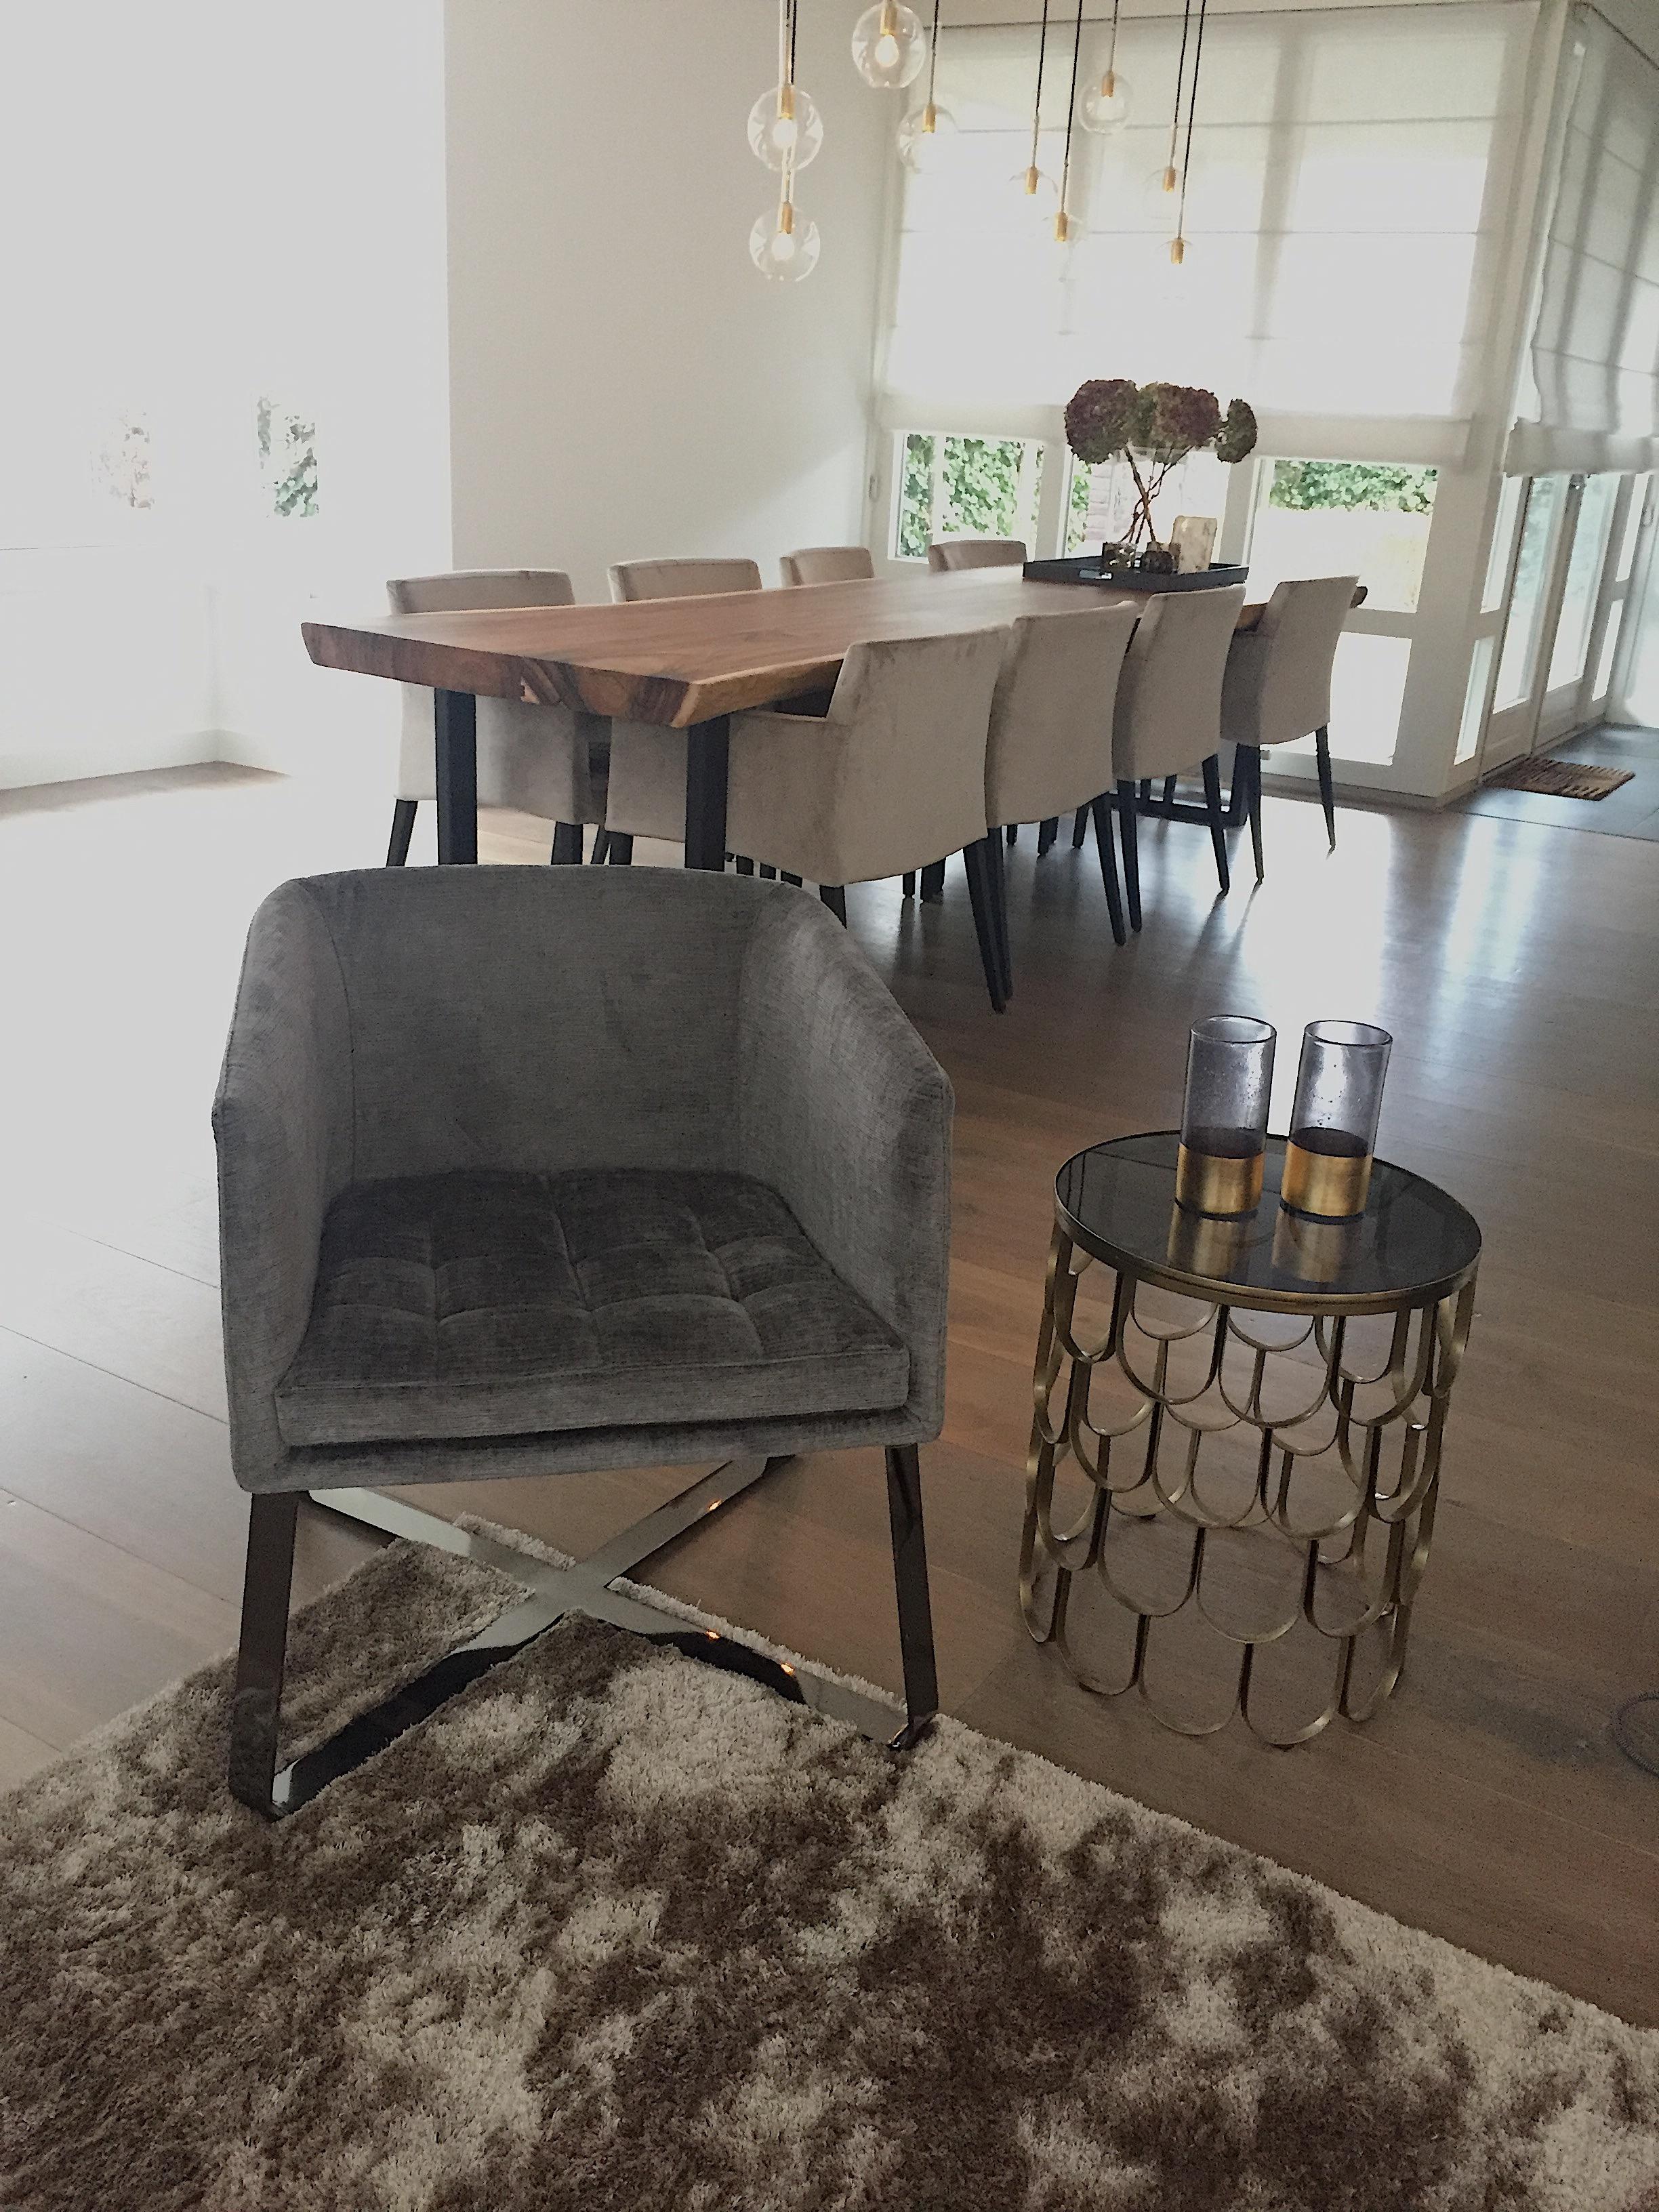 in de eethoek is gekozen voor een boomstamtafel gecombineerd met luxe stoelen in warm velours met daarboven een op maat gemaakte lamp